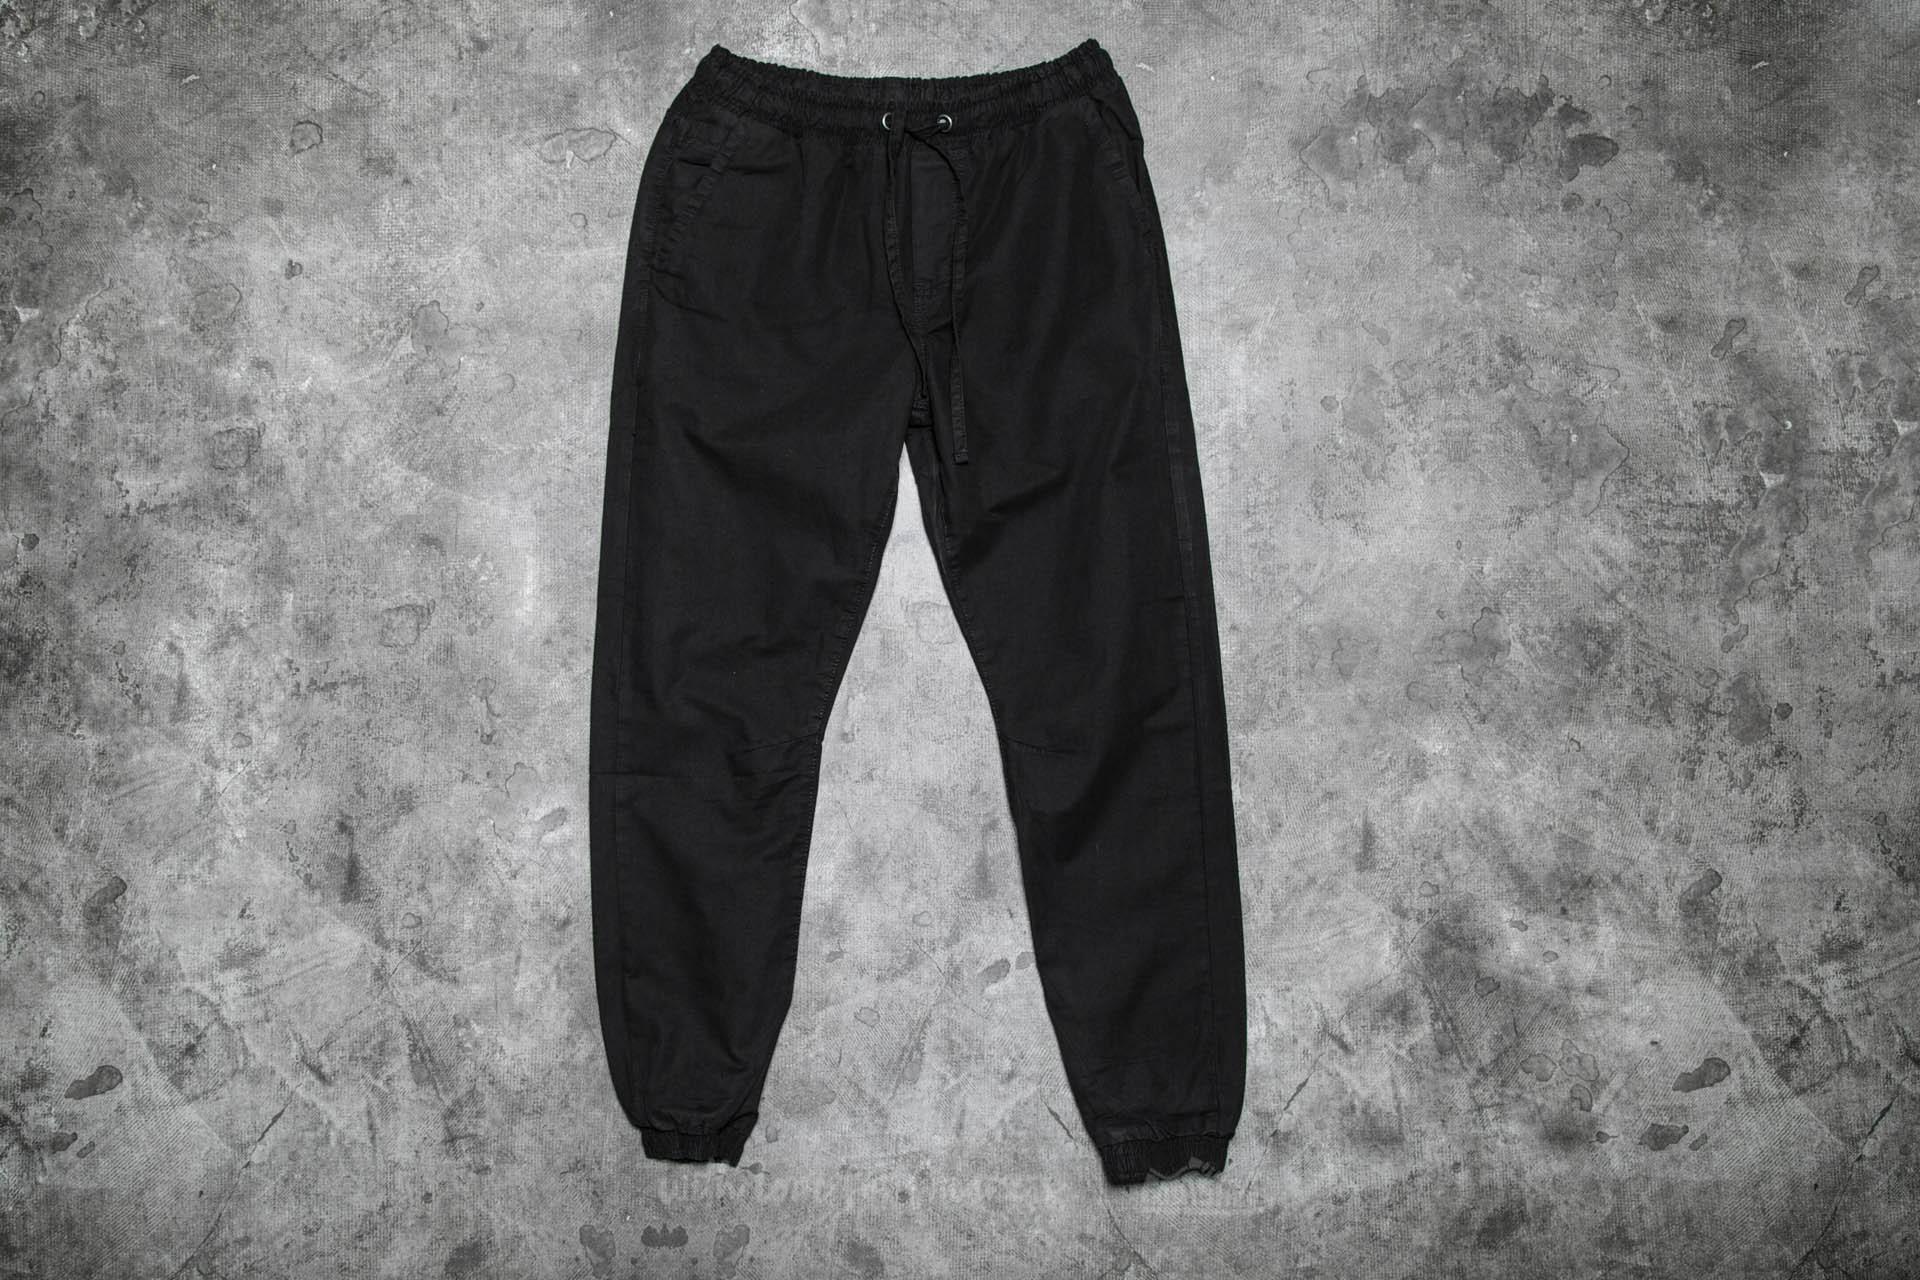 Urban Classics Washed Canvas Jogging Pants Black